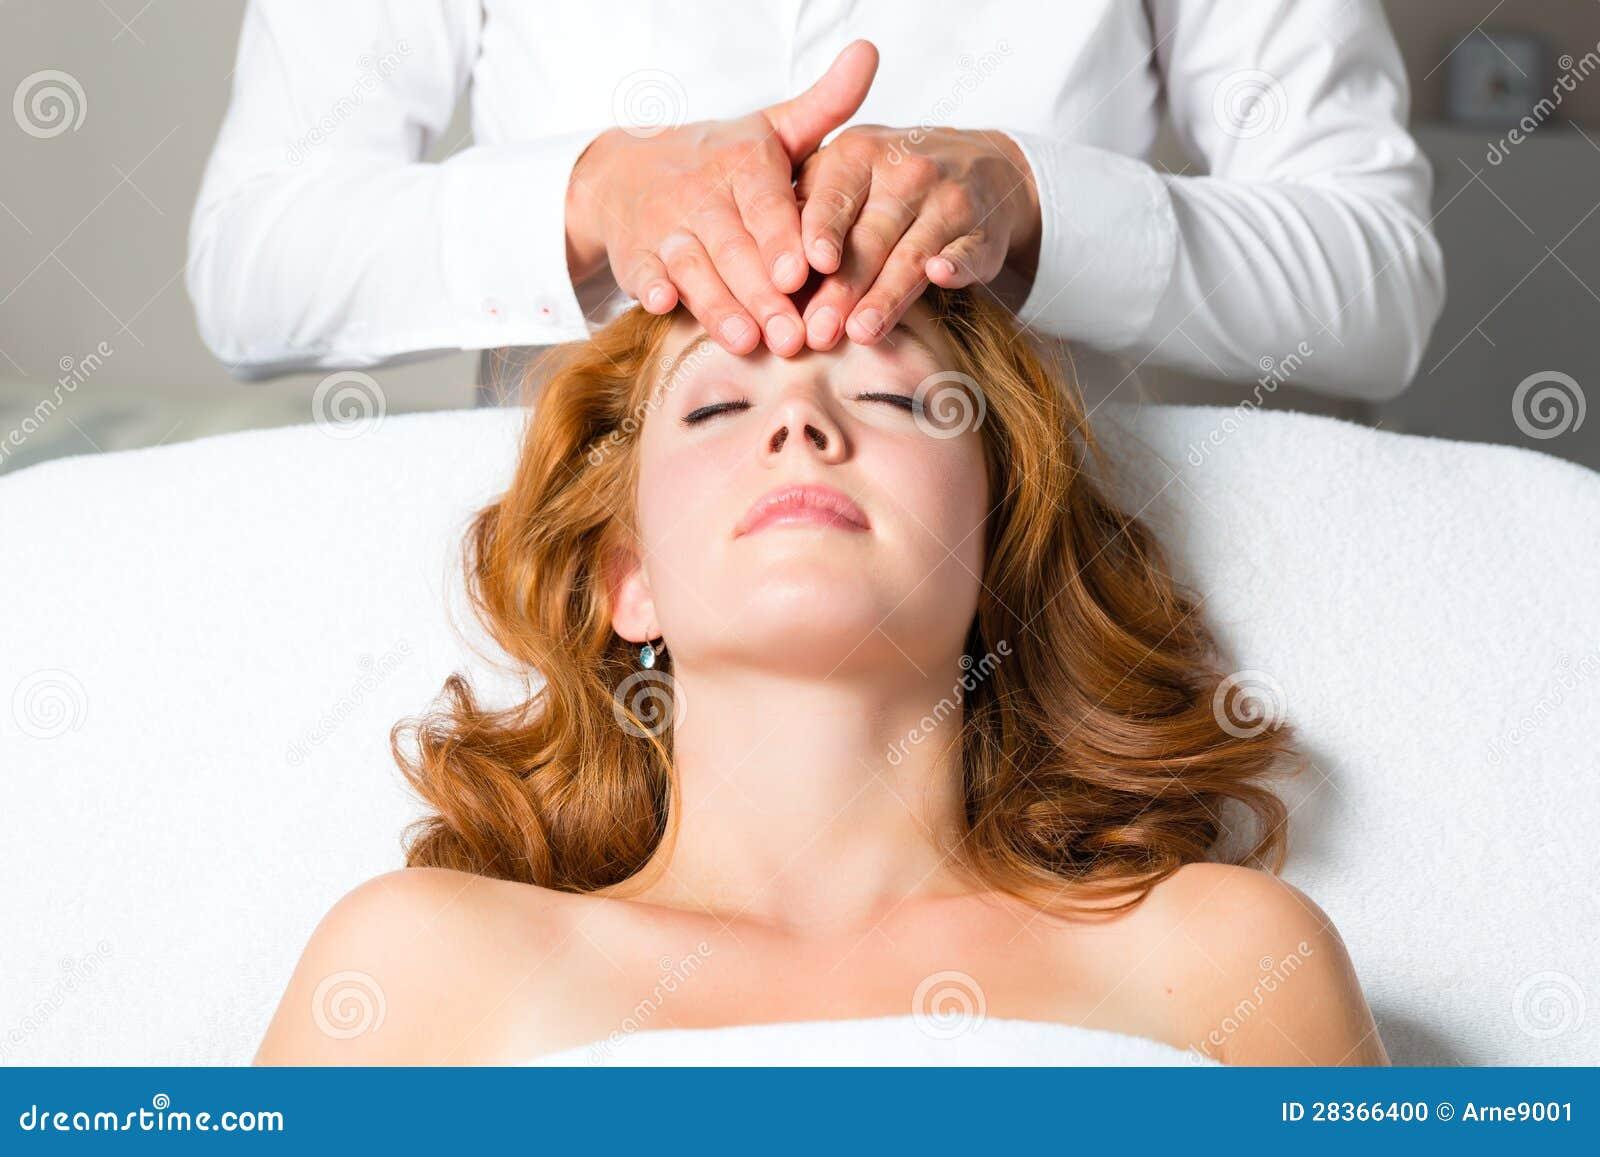 健康-获得在温泉的妇女顶头按摩